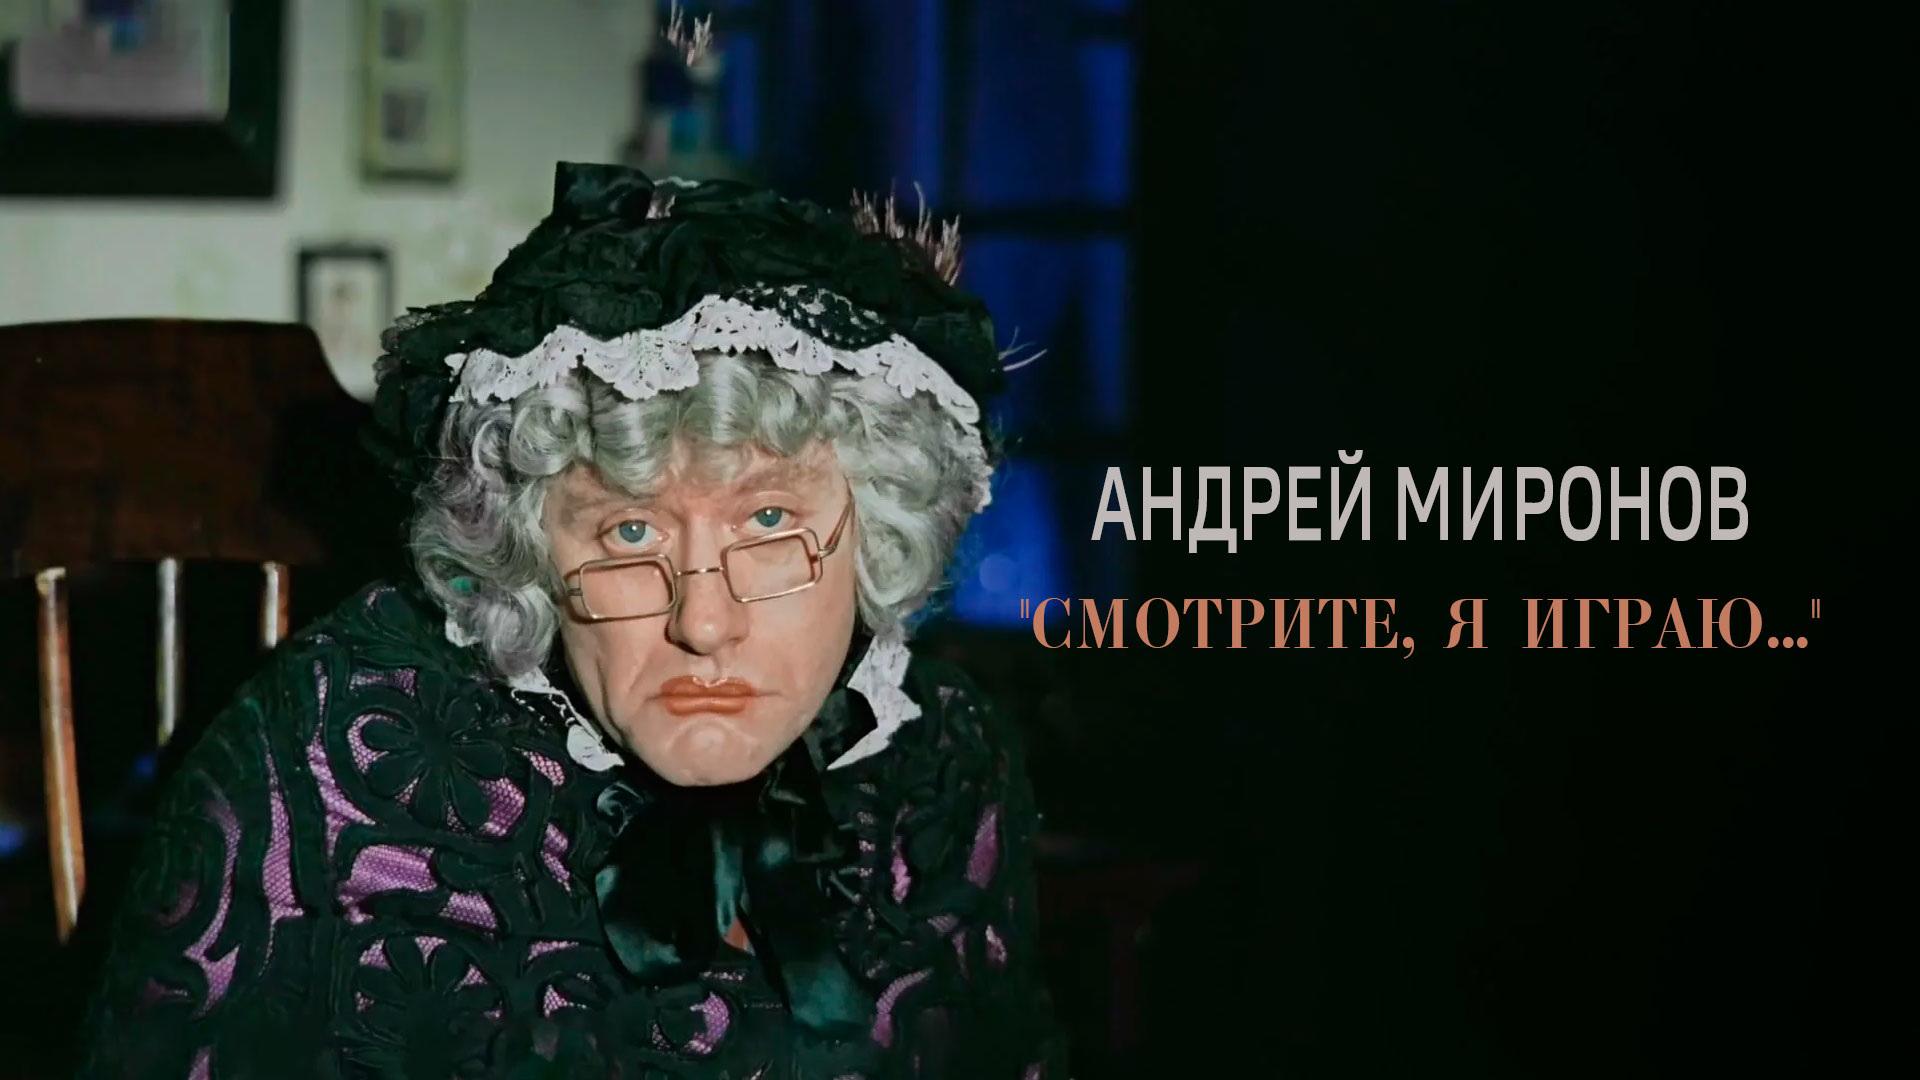 """Андрей Миронов. """"Смотрите, я играю..."""""""